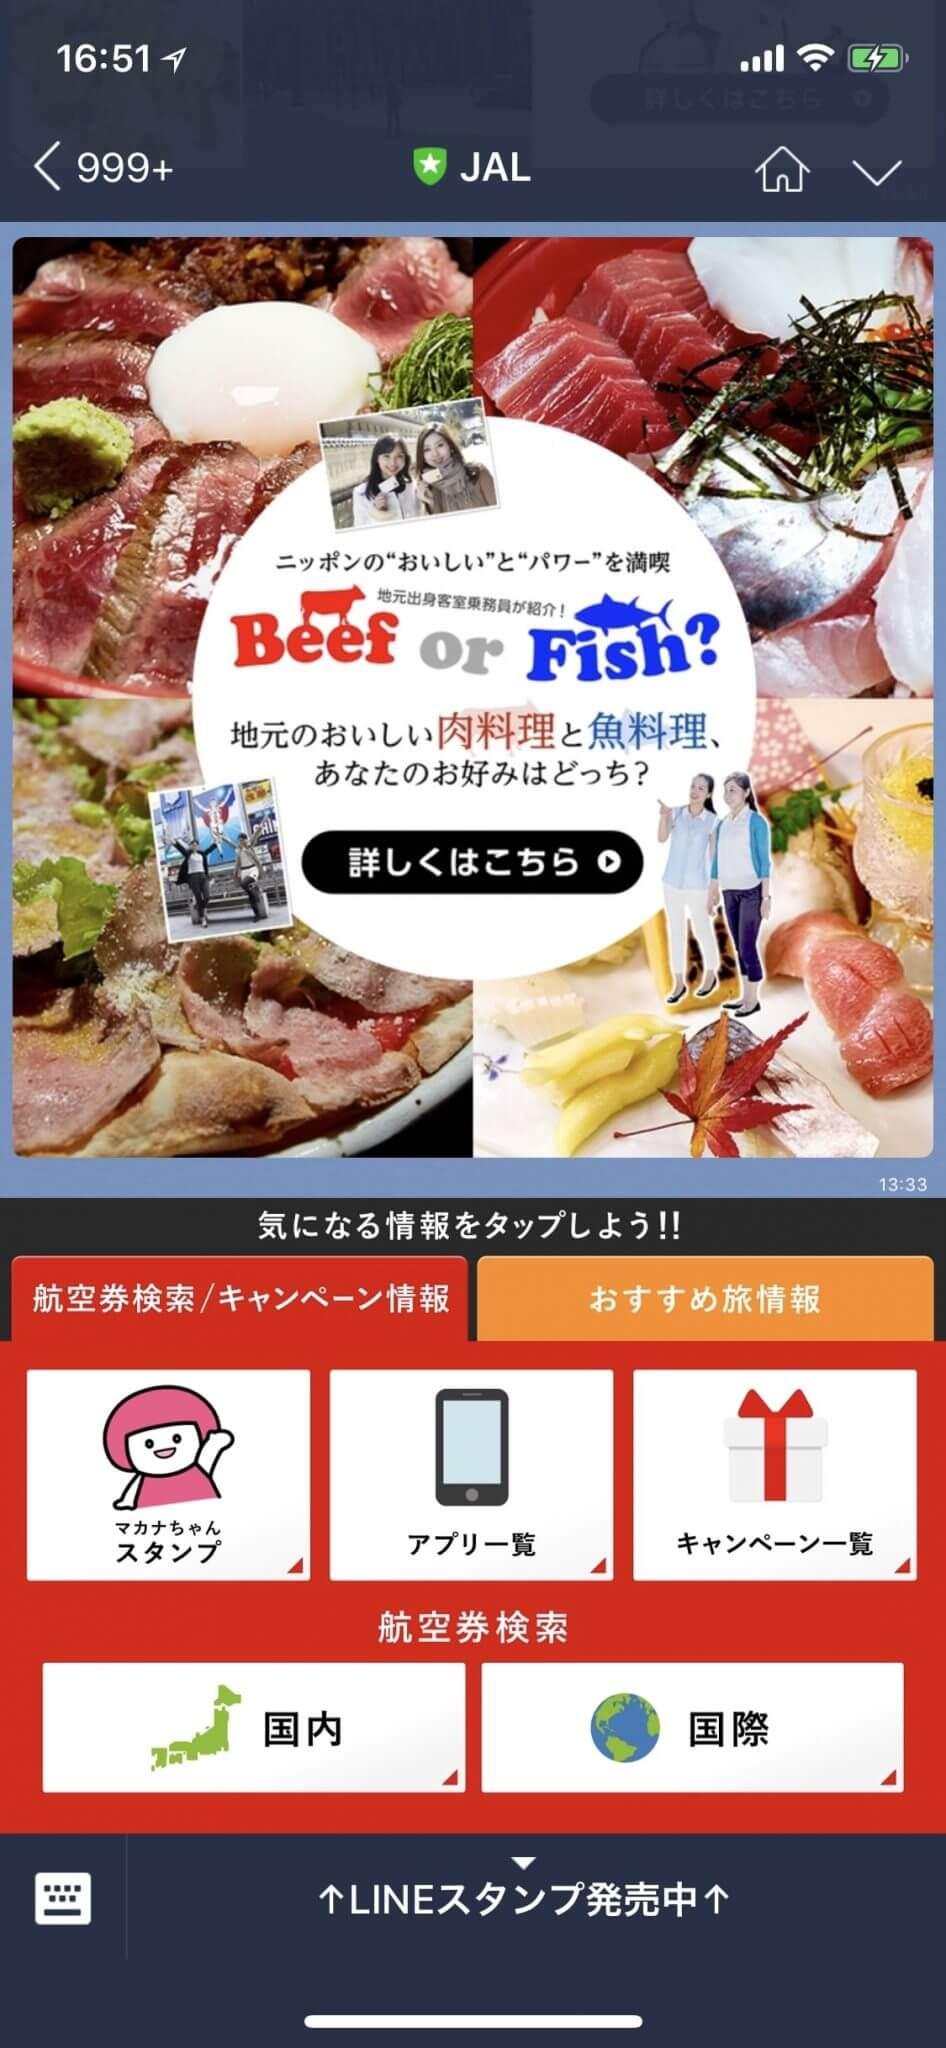 【交通】JAL